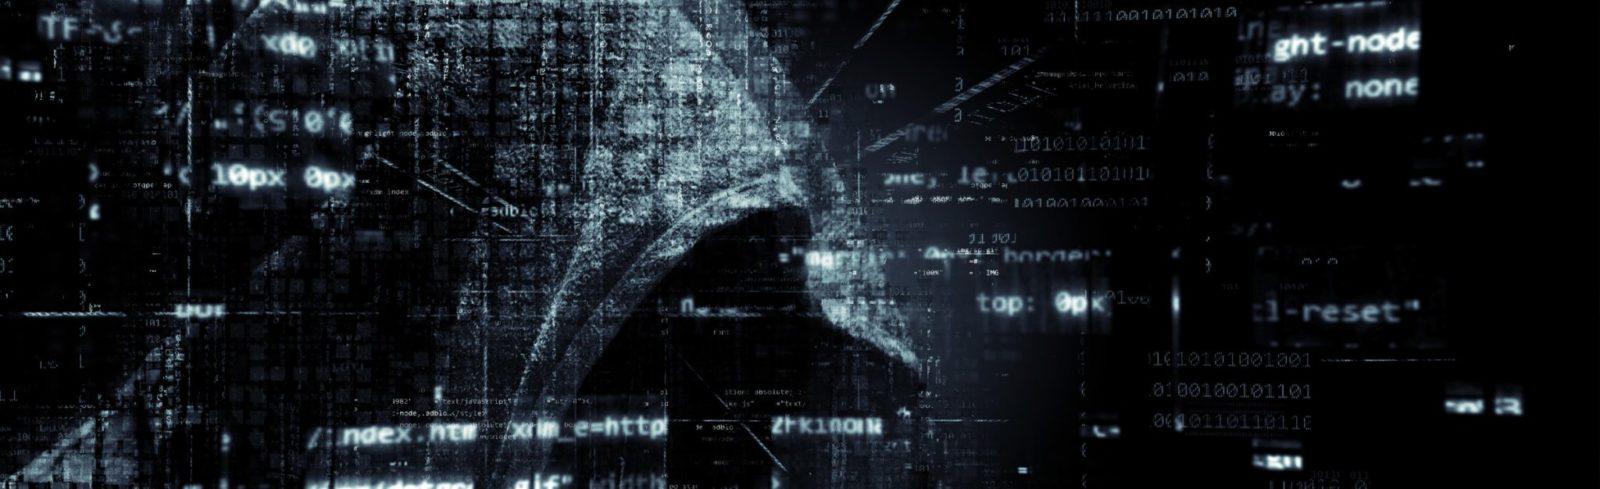 Hacking ético En Colaboración